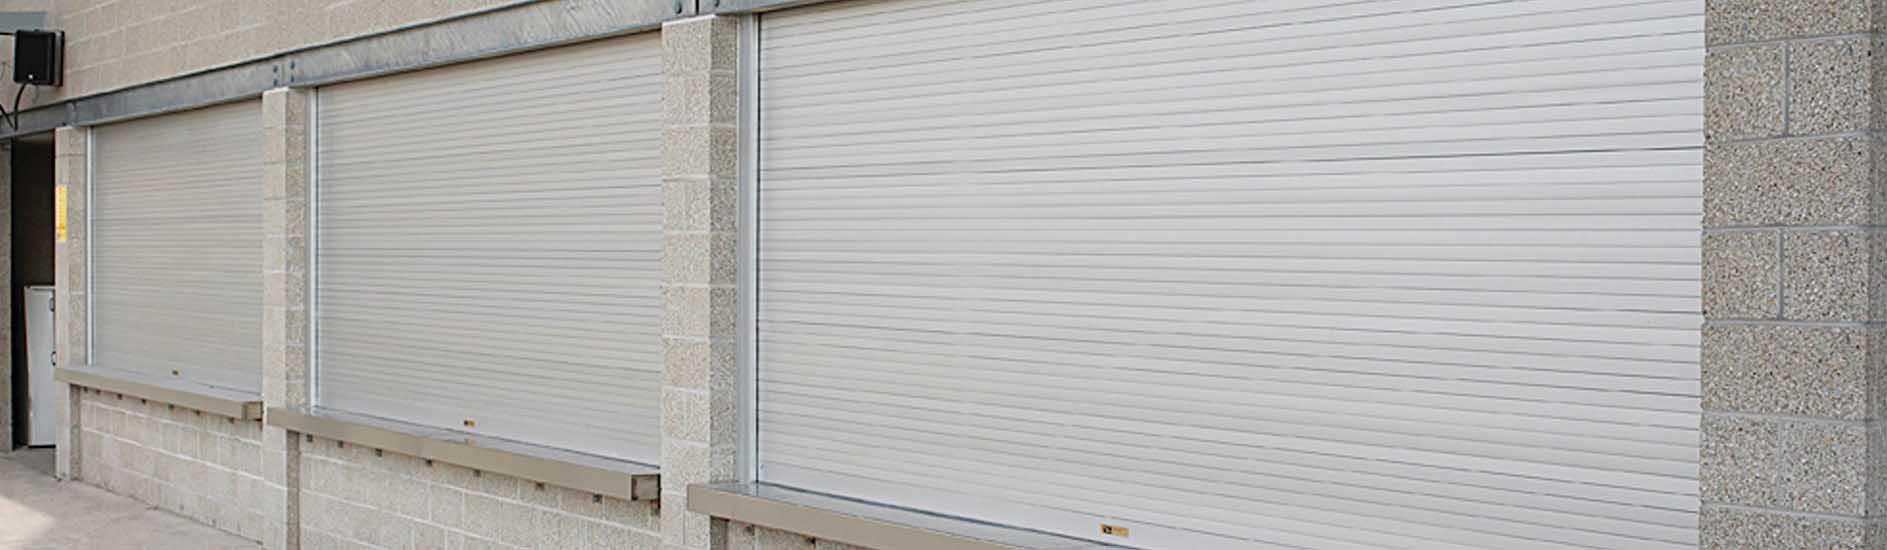 Commercial Counter Shutter Door